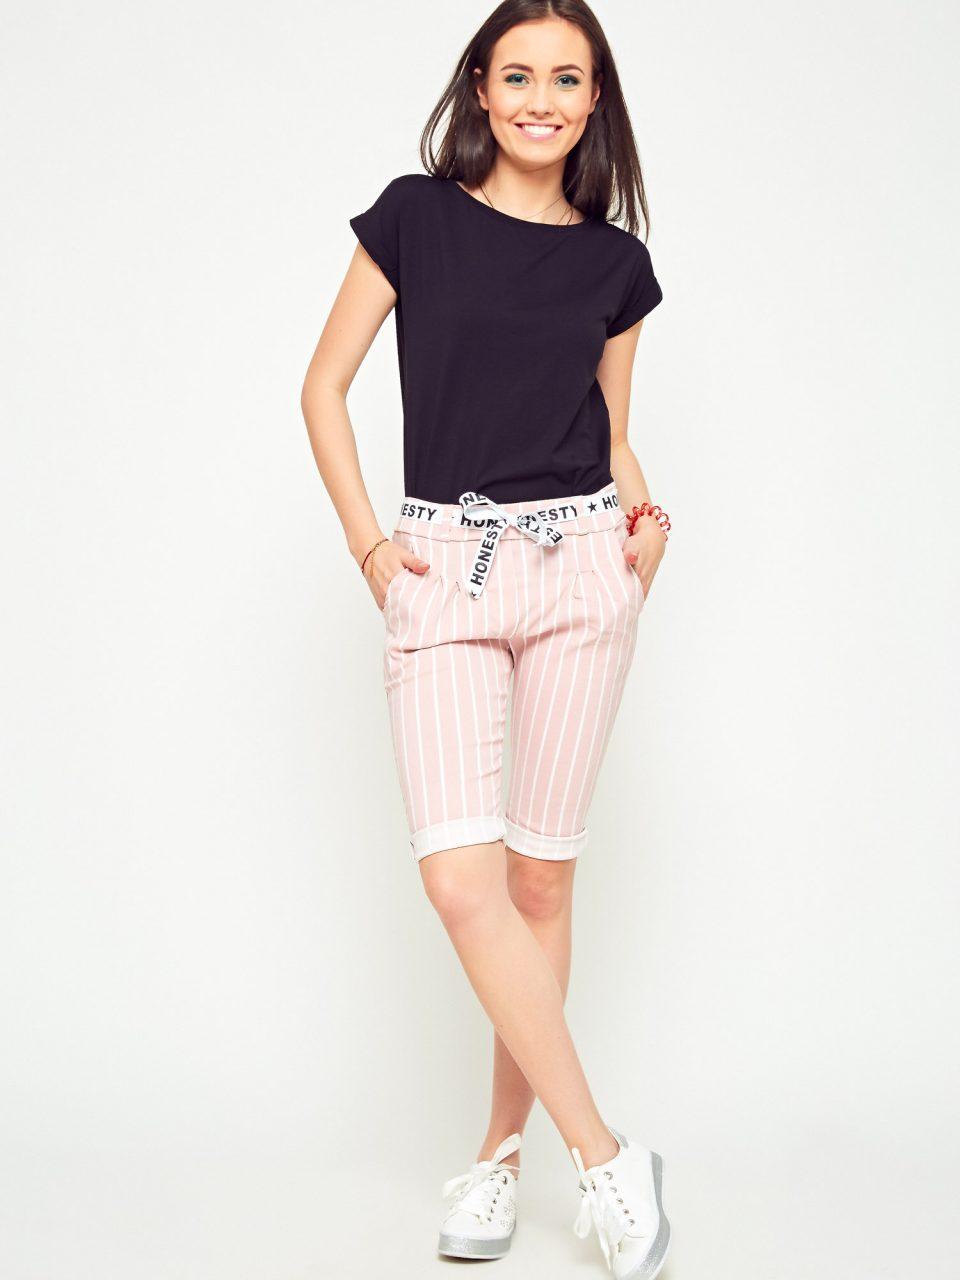 Modne stylizacje damskie na lato z wykorzystaniem krótkich spodenek